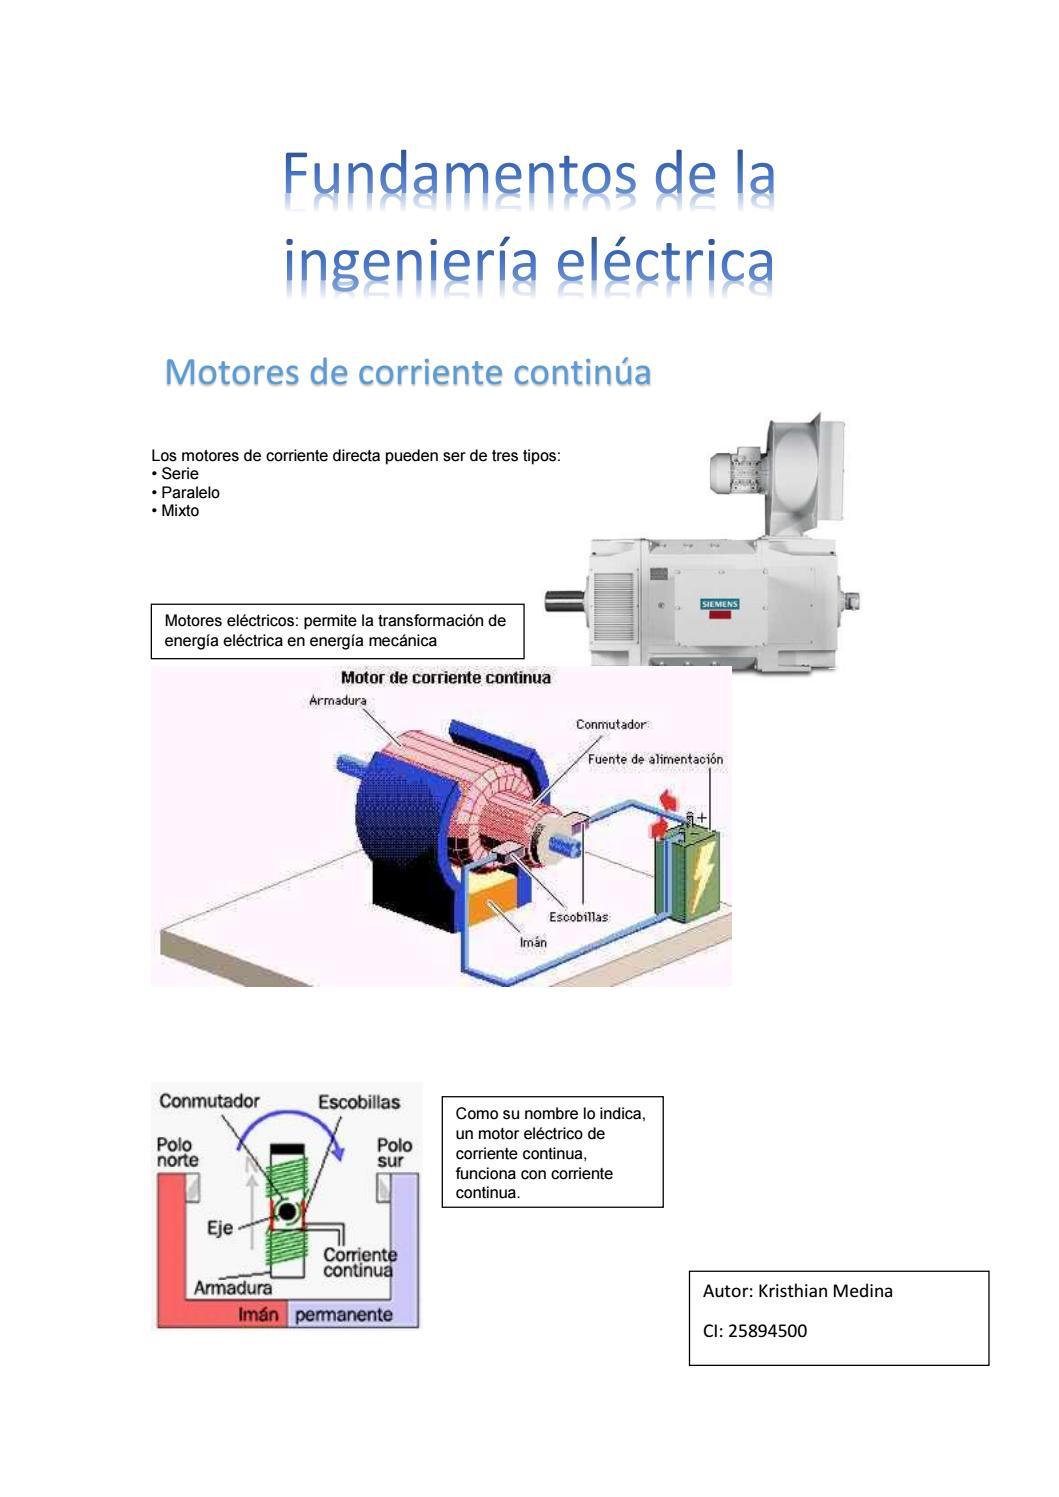 Tipos de motores de corriente continua